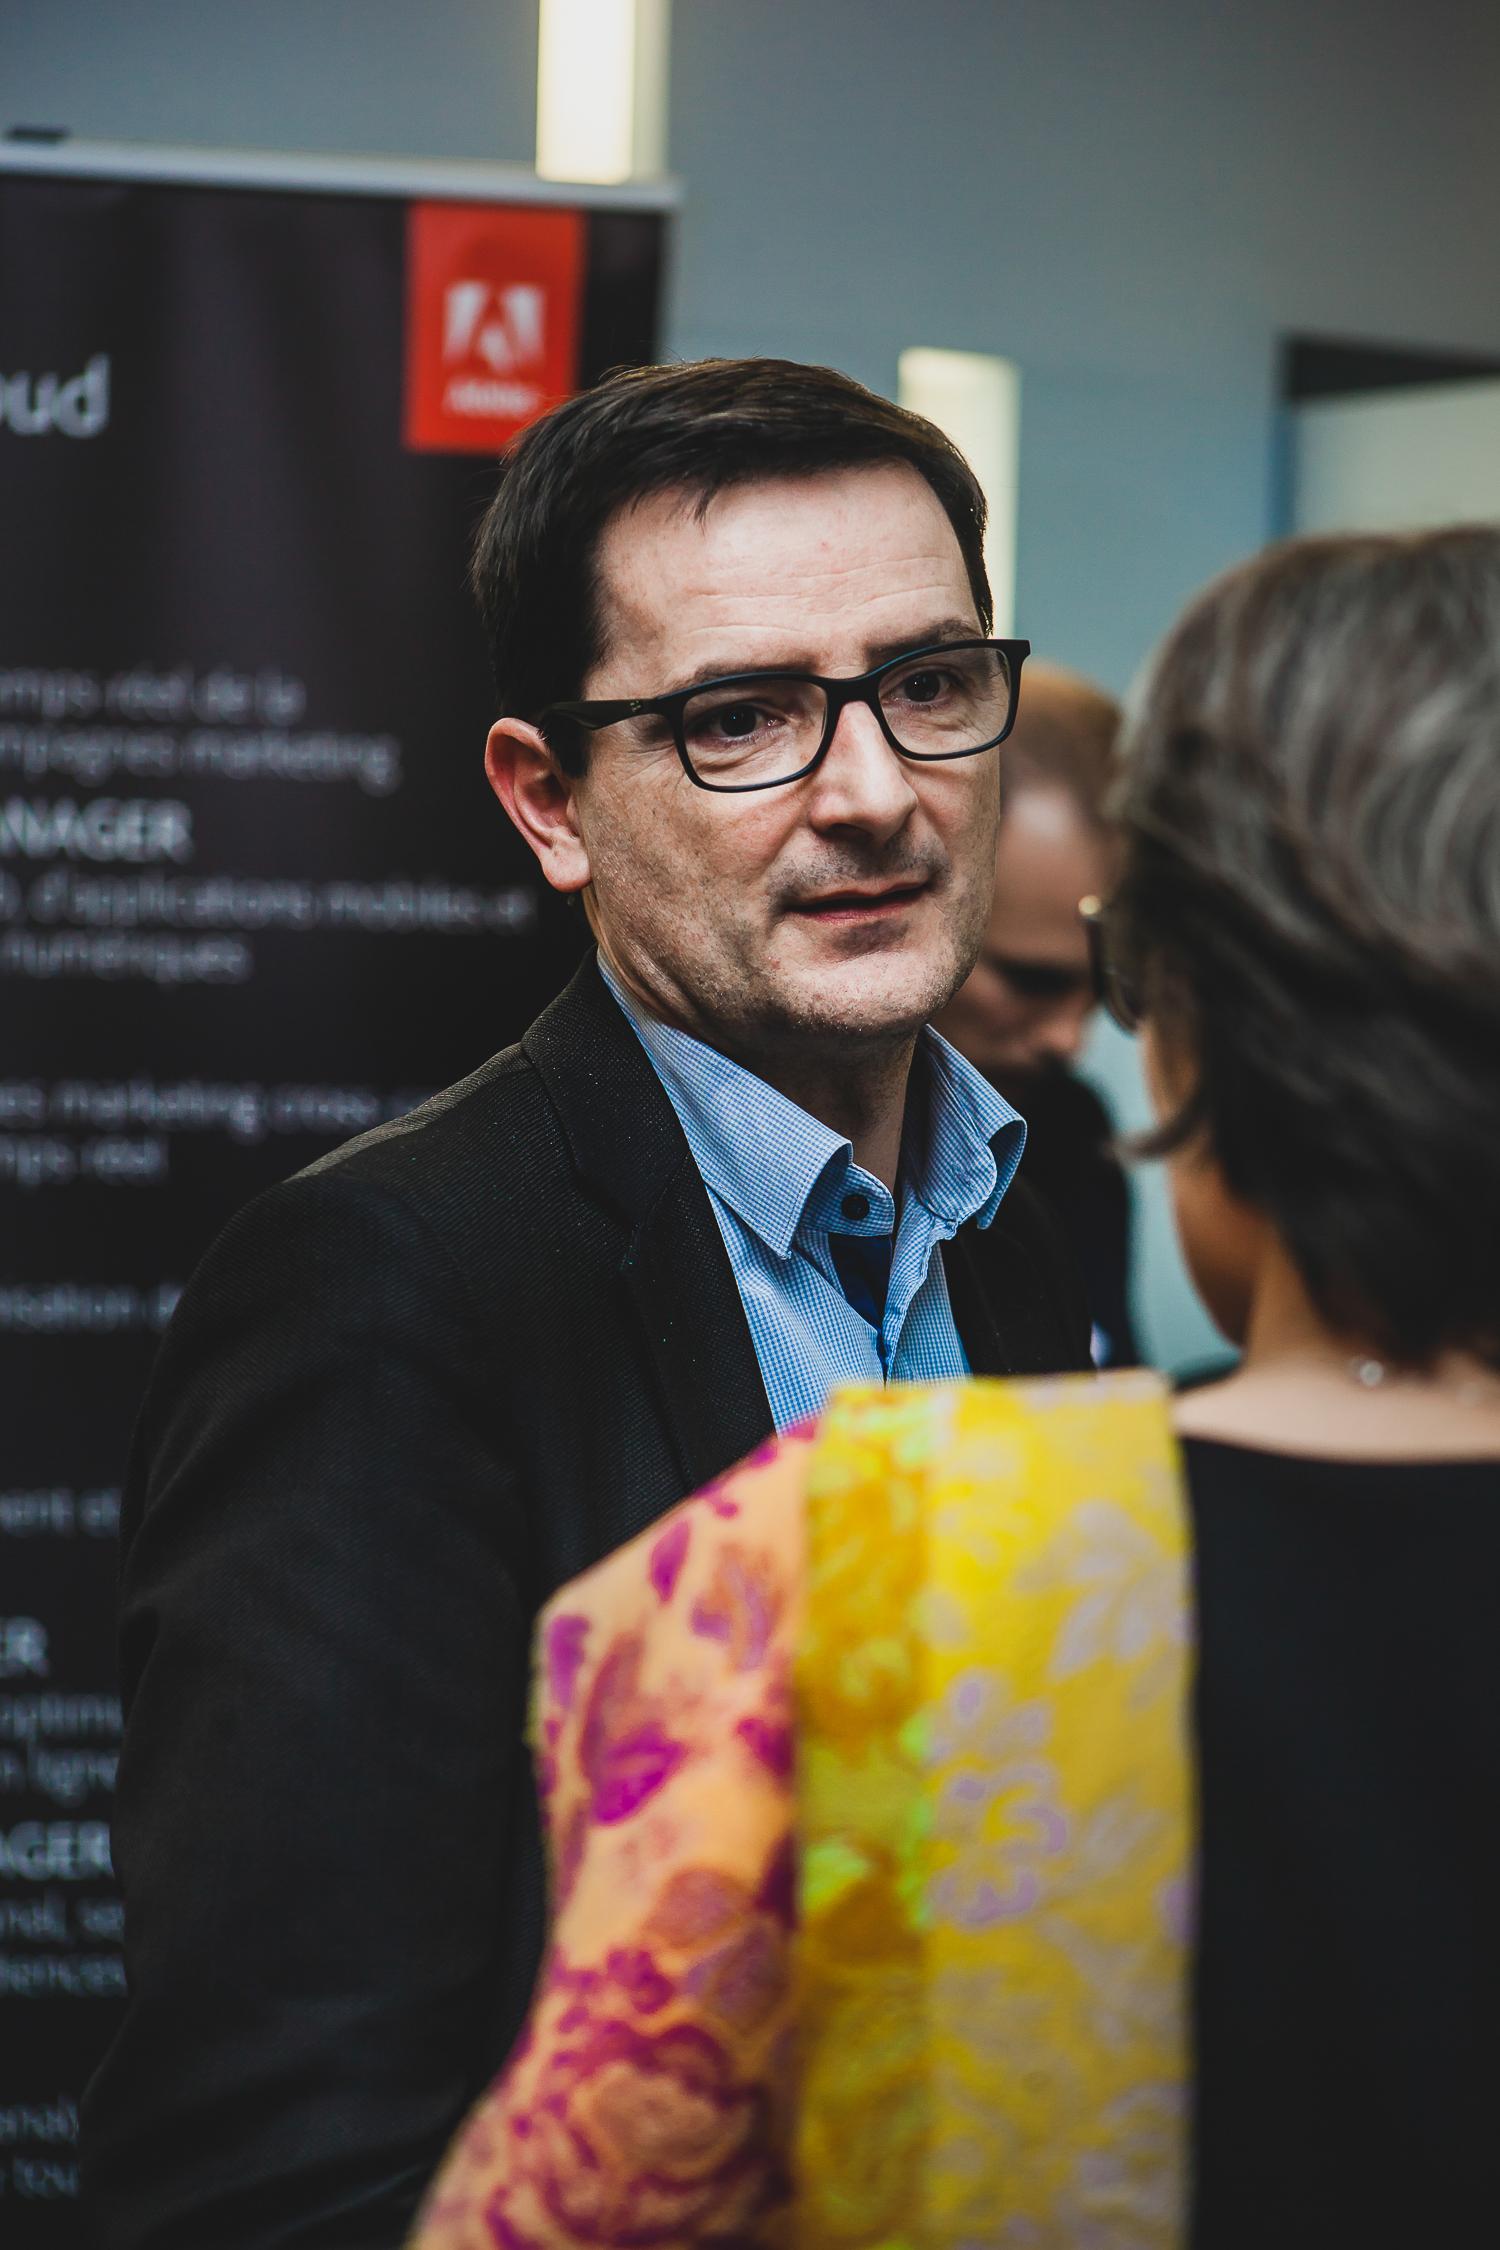 Stéphane Loire (Next Content) - IN BANQUE 2016 - Crédit photo : Guillermo Gomez